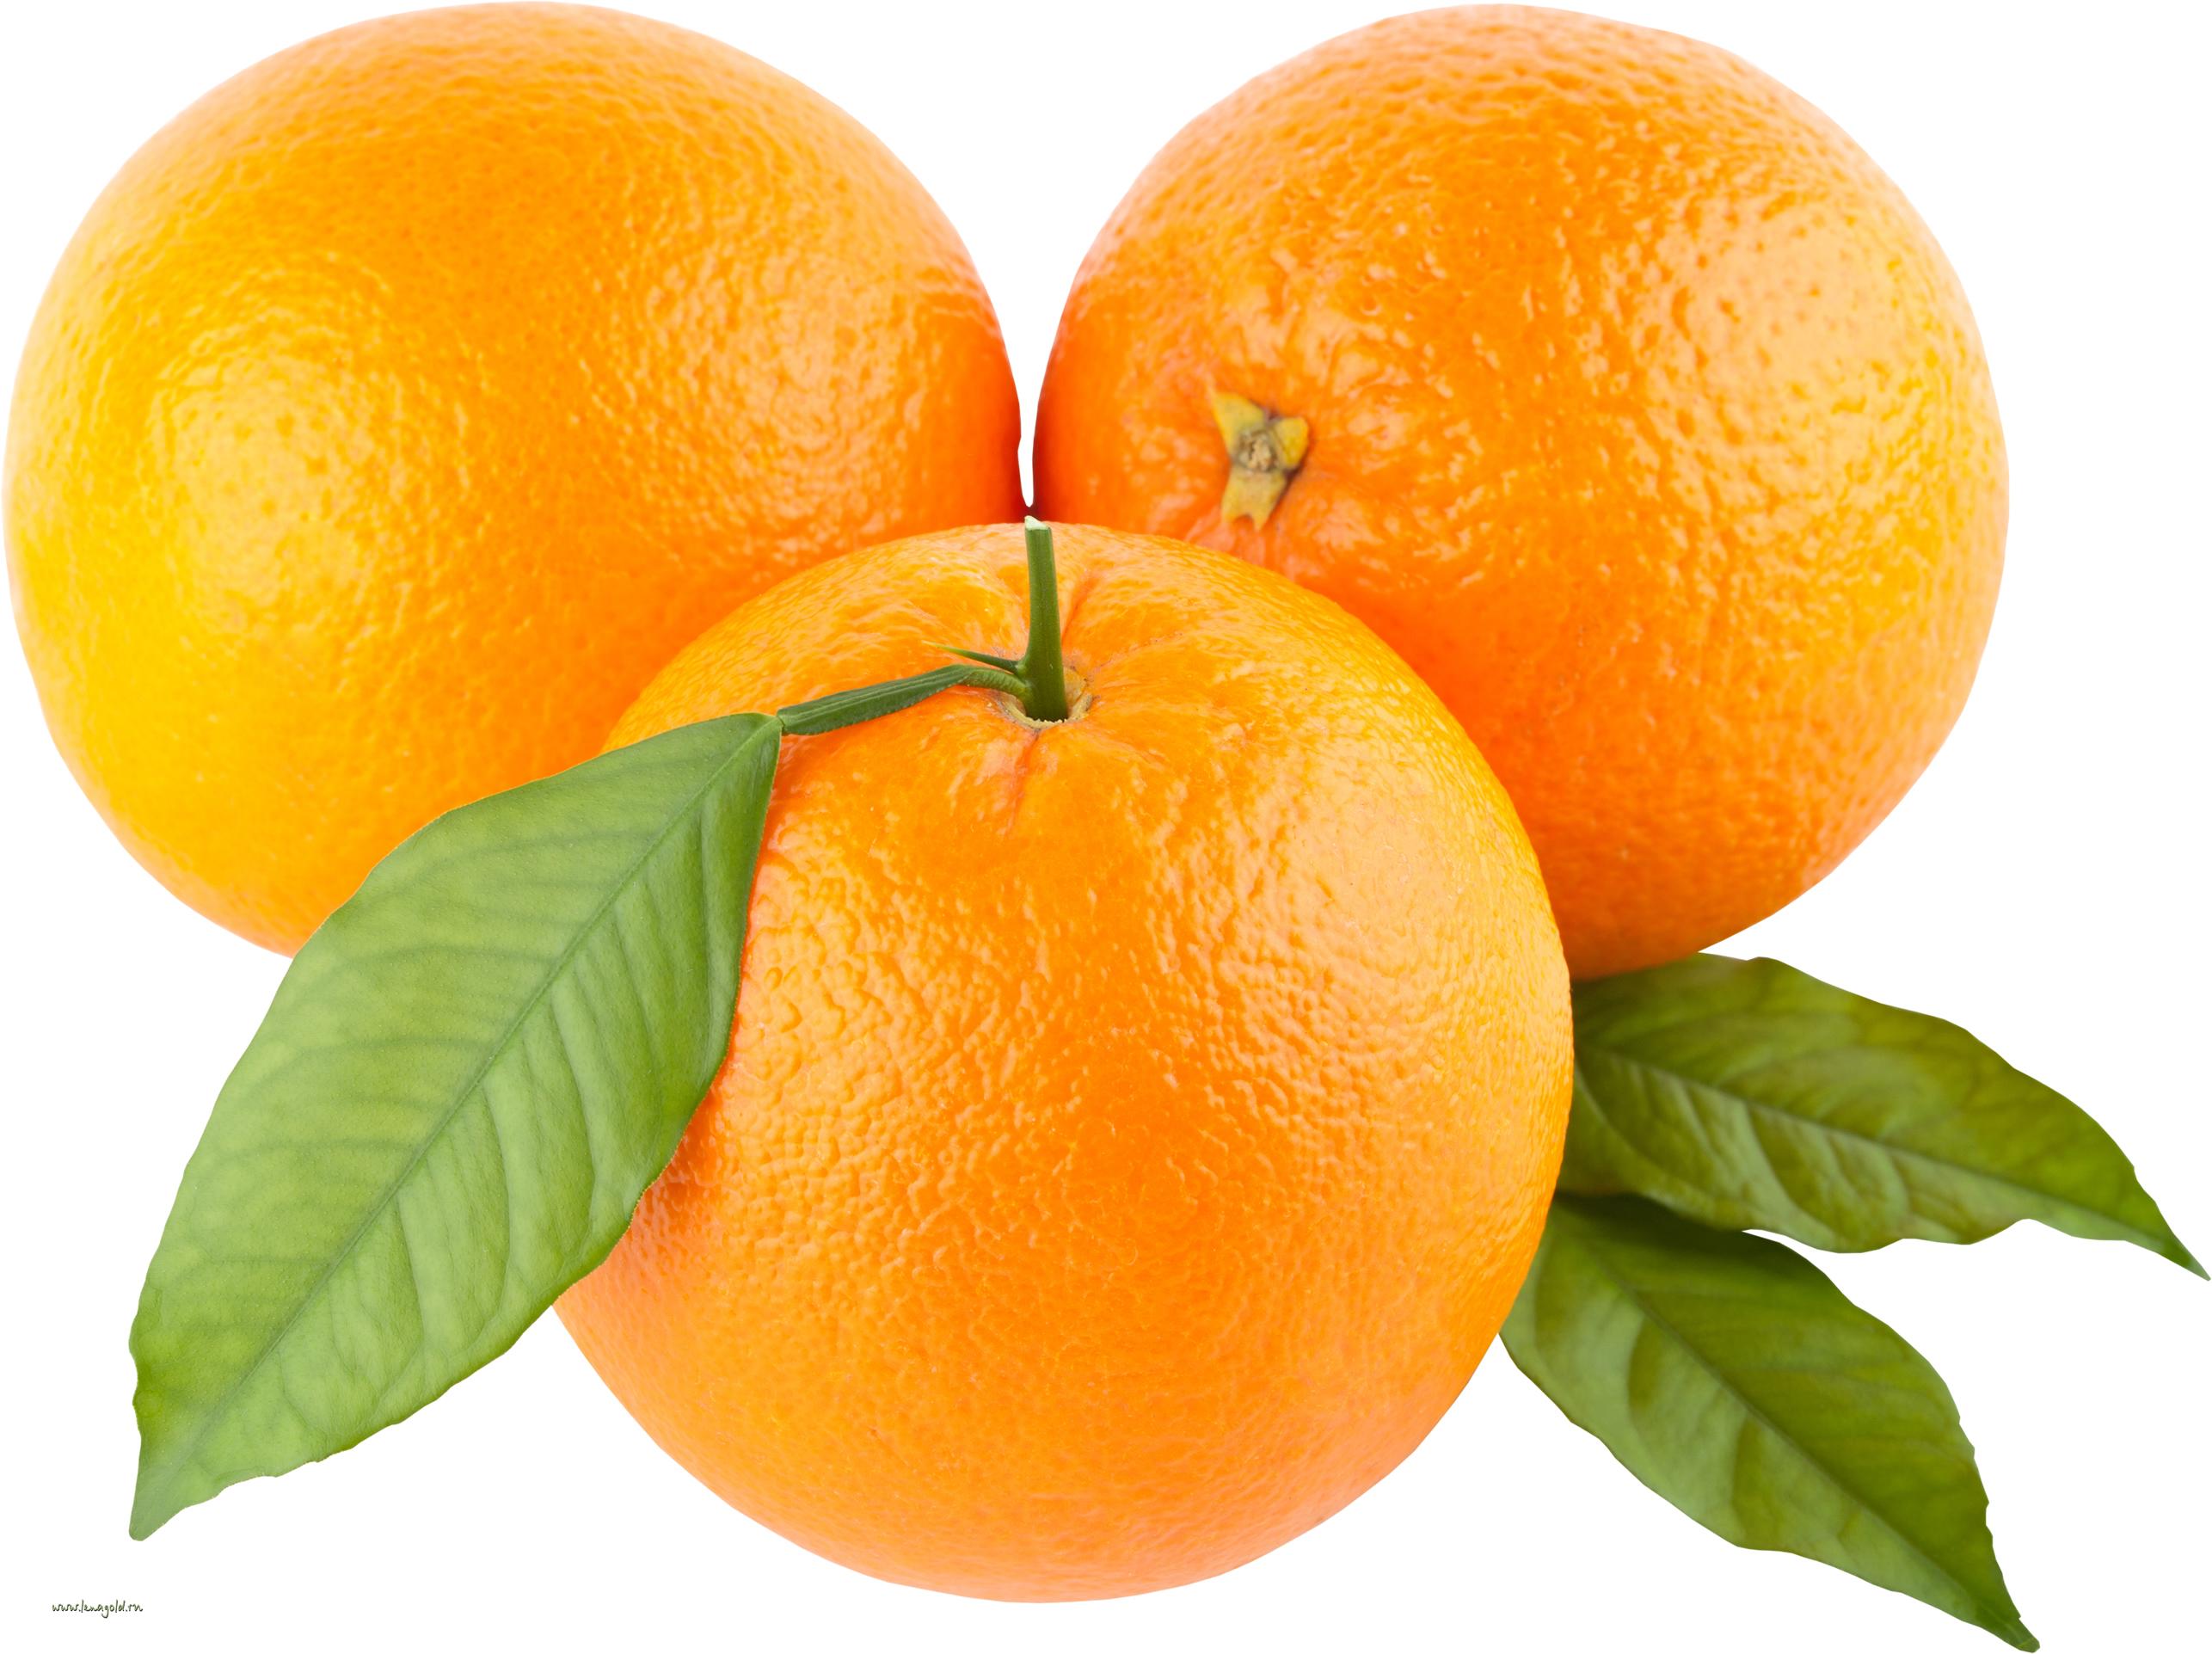 апельсины, фото, обои, клипарт, orange